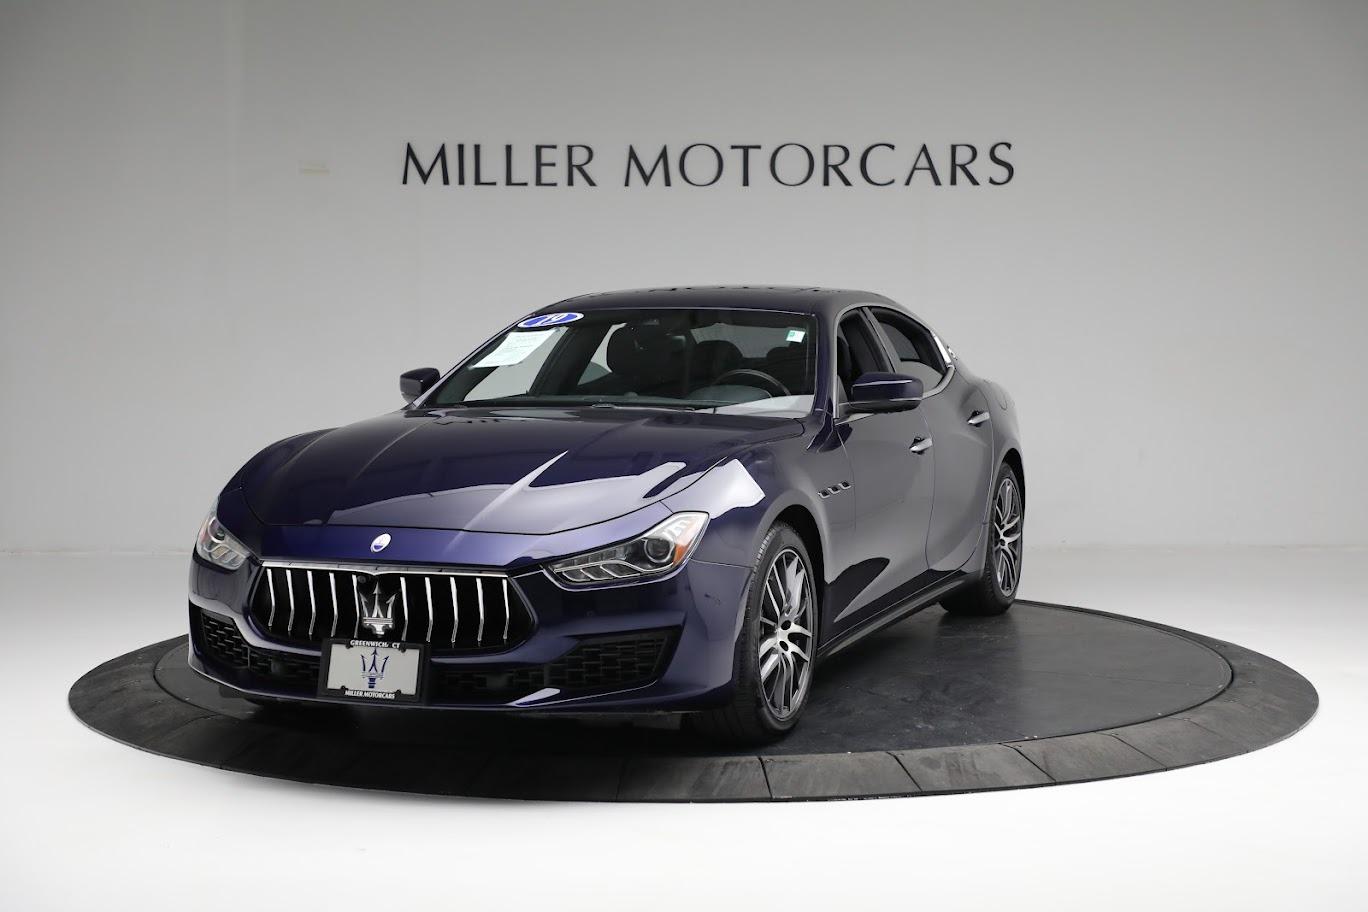 New 2019 Maserati Ghibli S Q4 for sale $90,765 at Maserati of Westport in Westport CT 06880 1